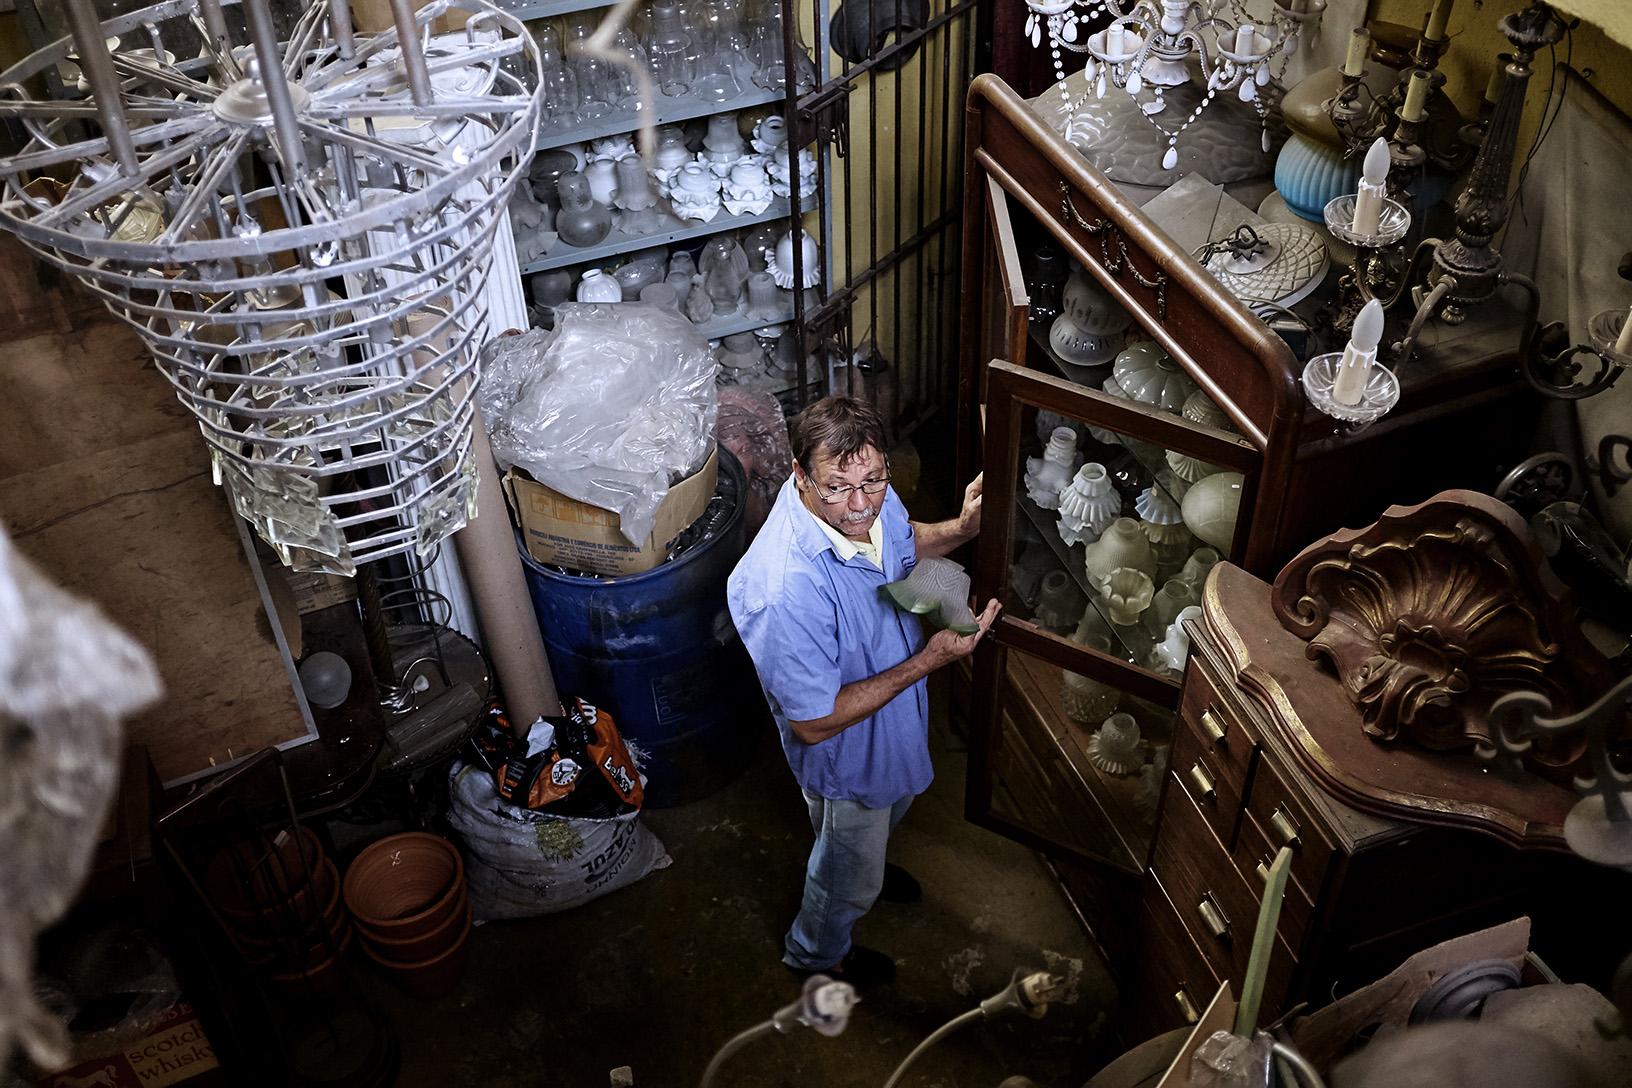 O acervo de cúpulas e peças de reposição é imenso. Adquirido ao longo de décadas.